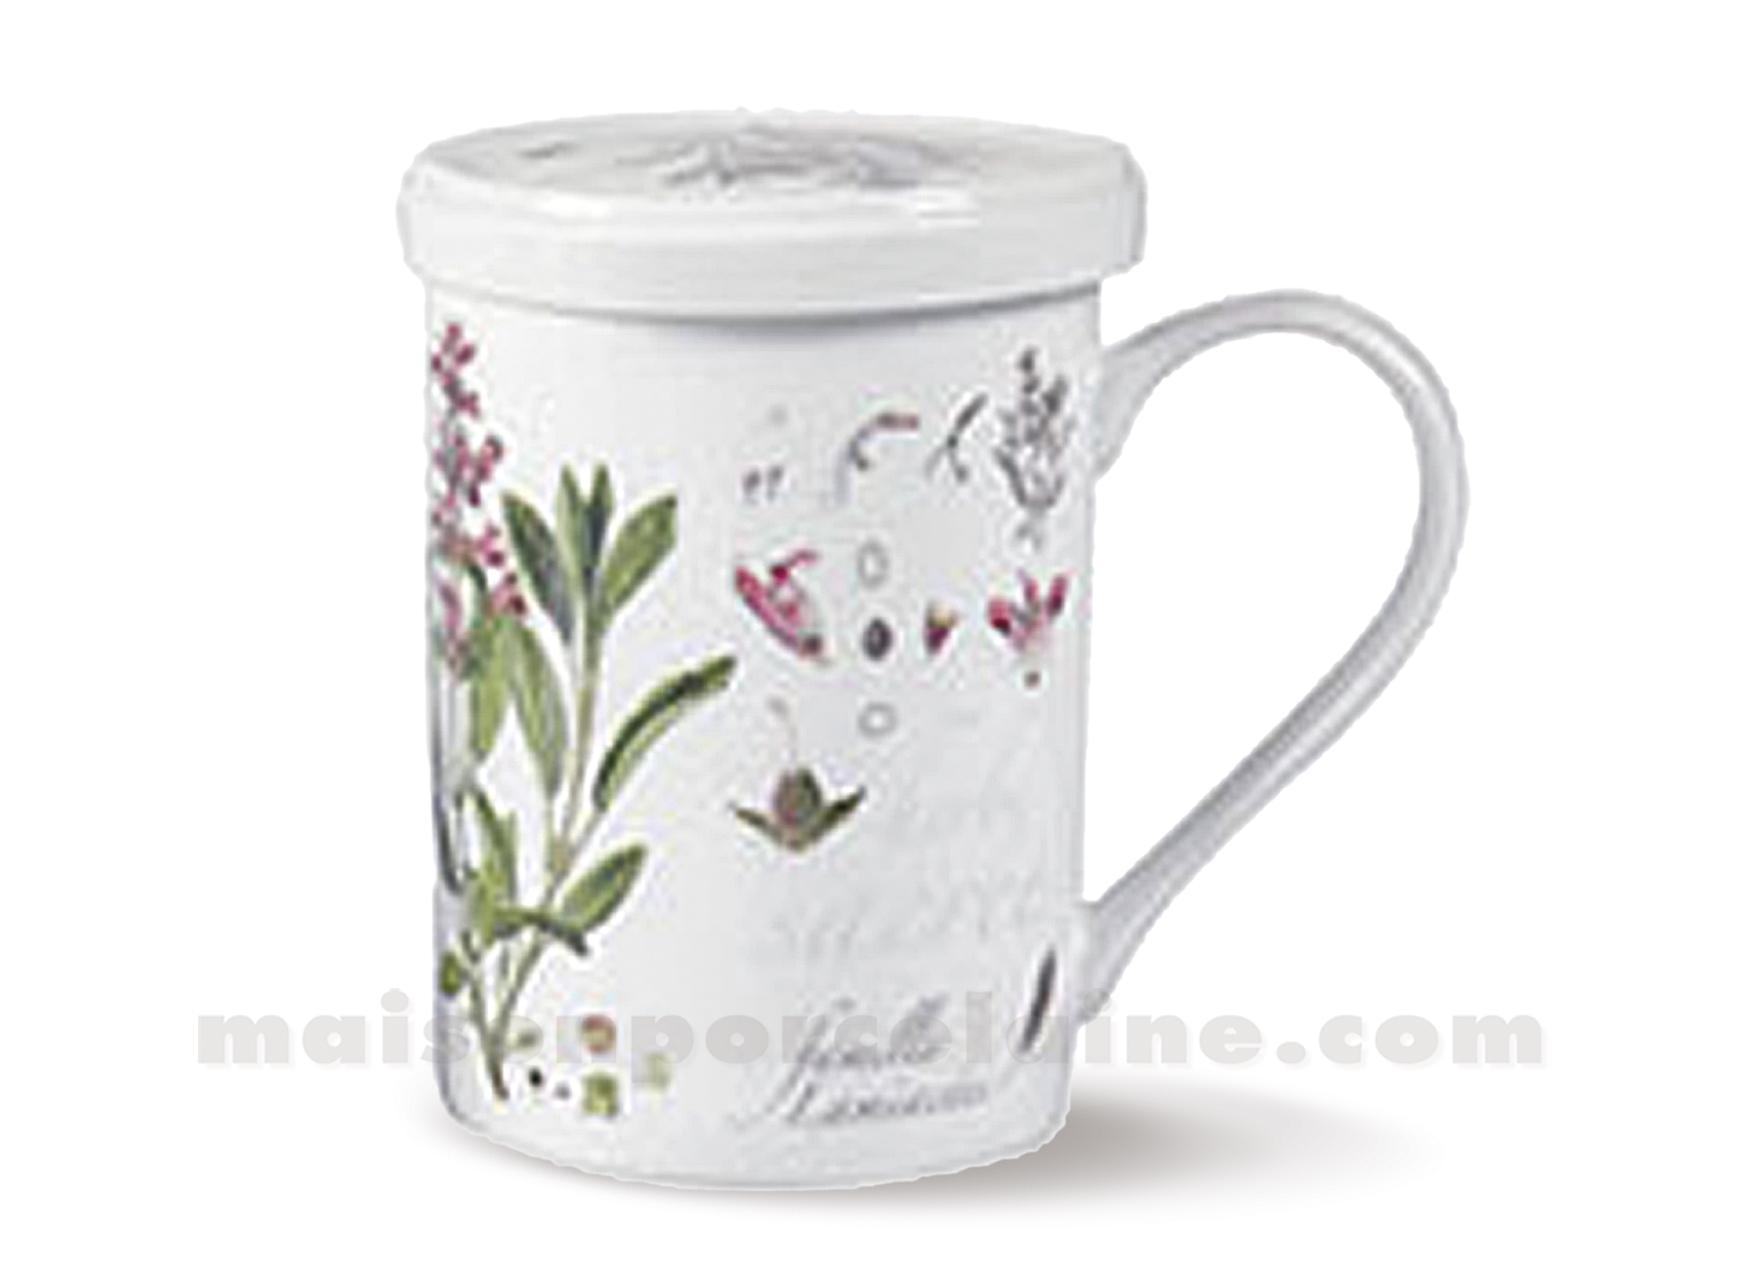 Tisaniere porcelaine filtre inox verveine maison de la porcelaine - Planter de la verveine ...